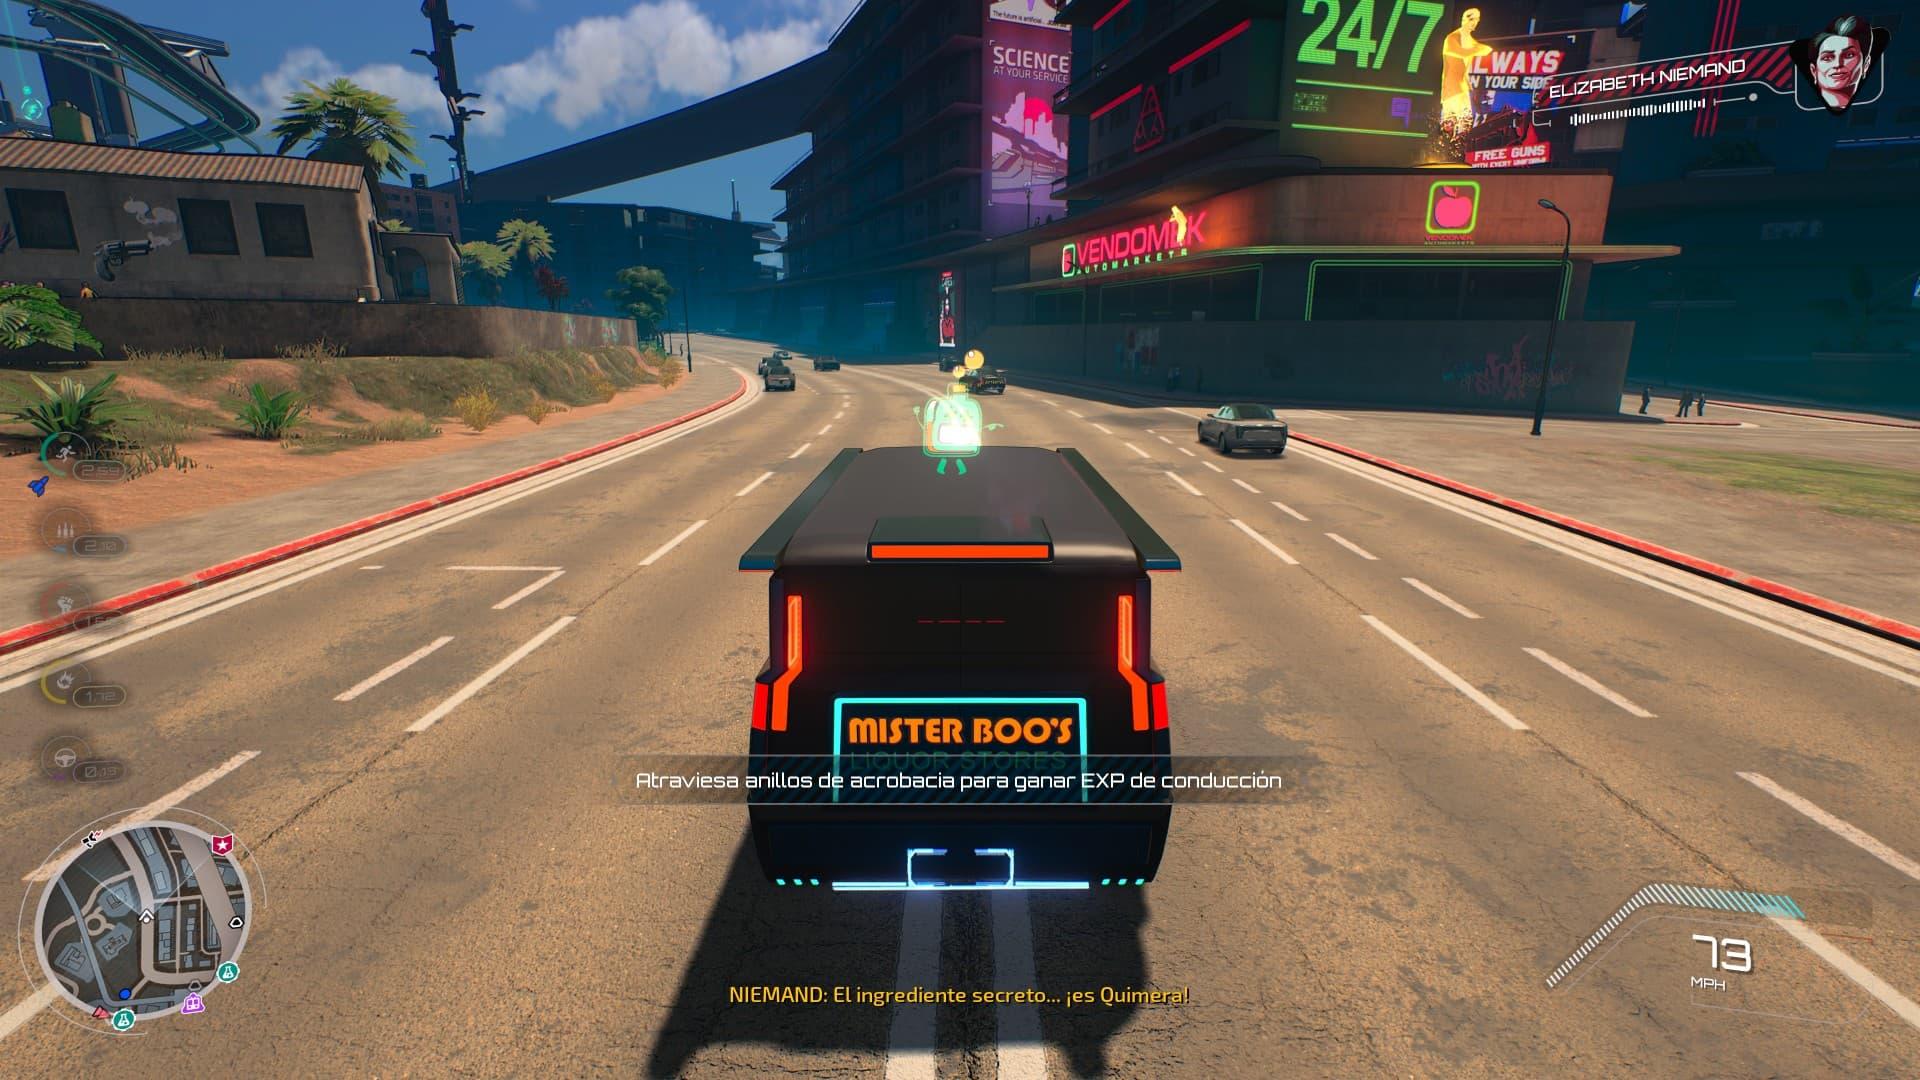 Análisis de Crackdown 3 - Xbox One 4